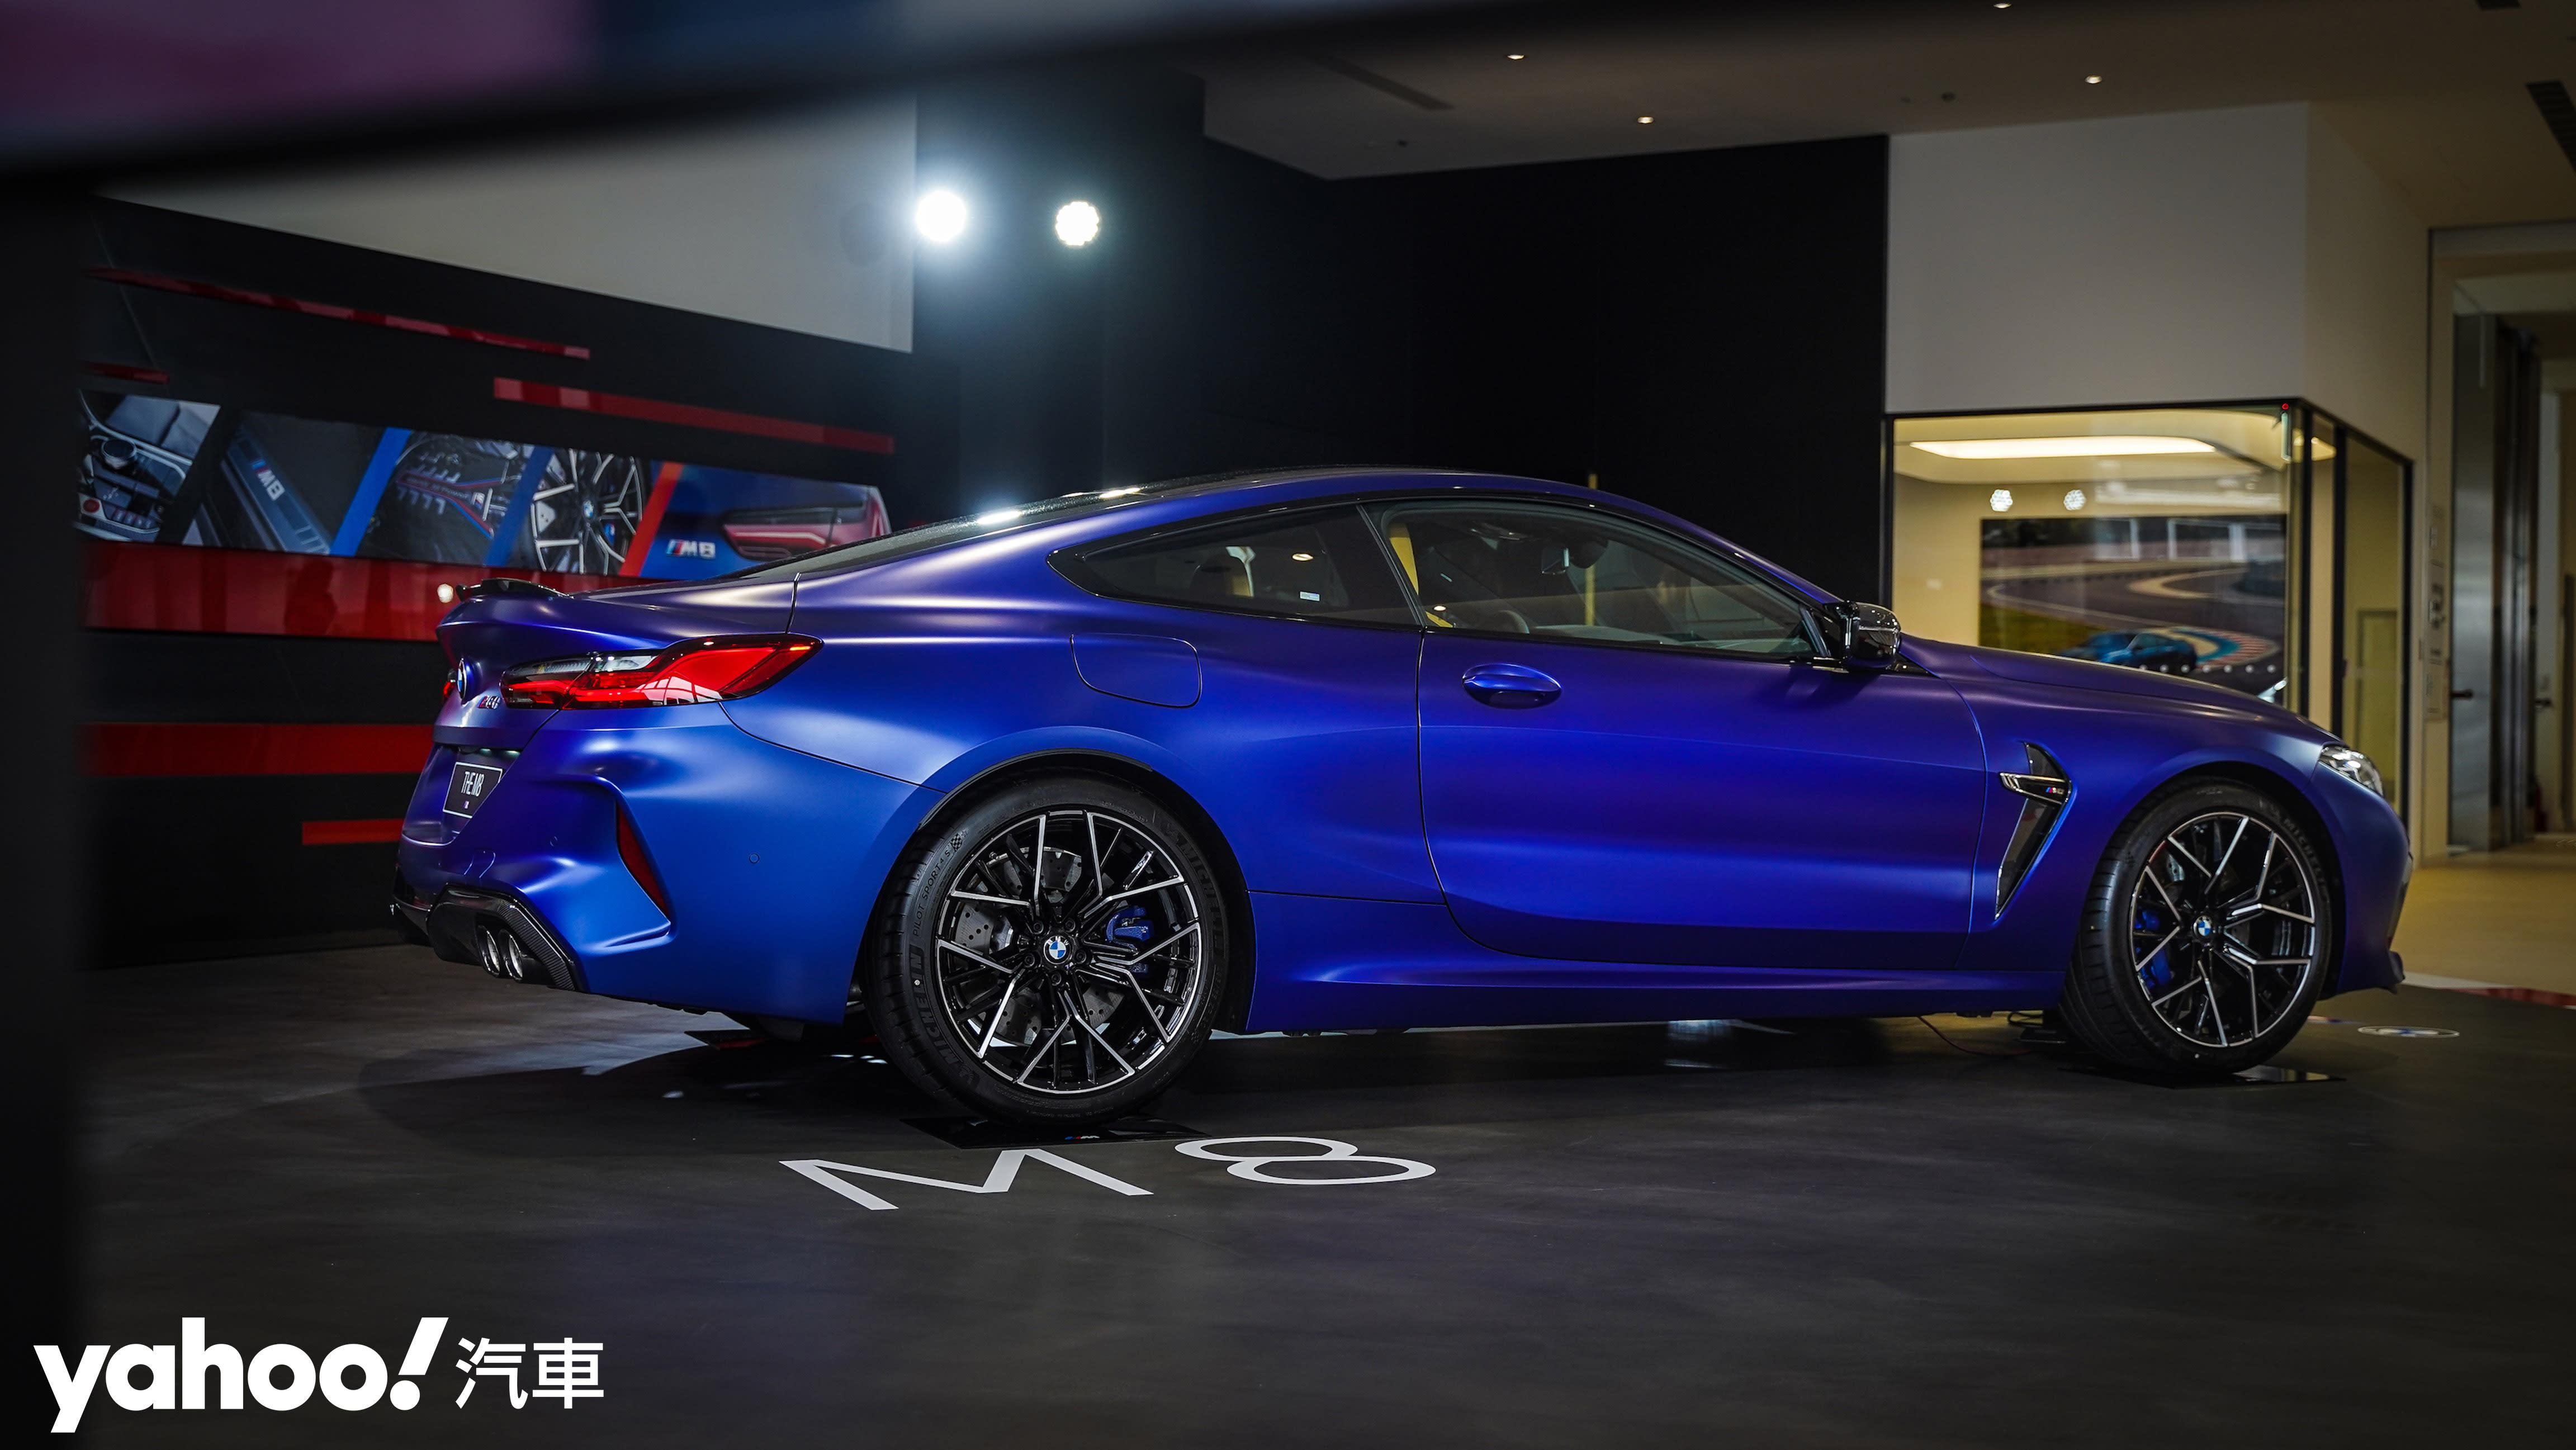 窮凶惡極的GT潛艦!2020 BMW M8 Coupe & Gran Coupe暴力上陣! - 9